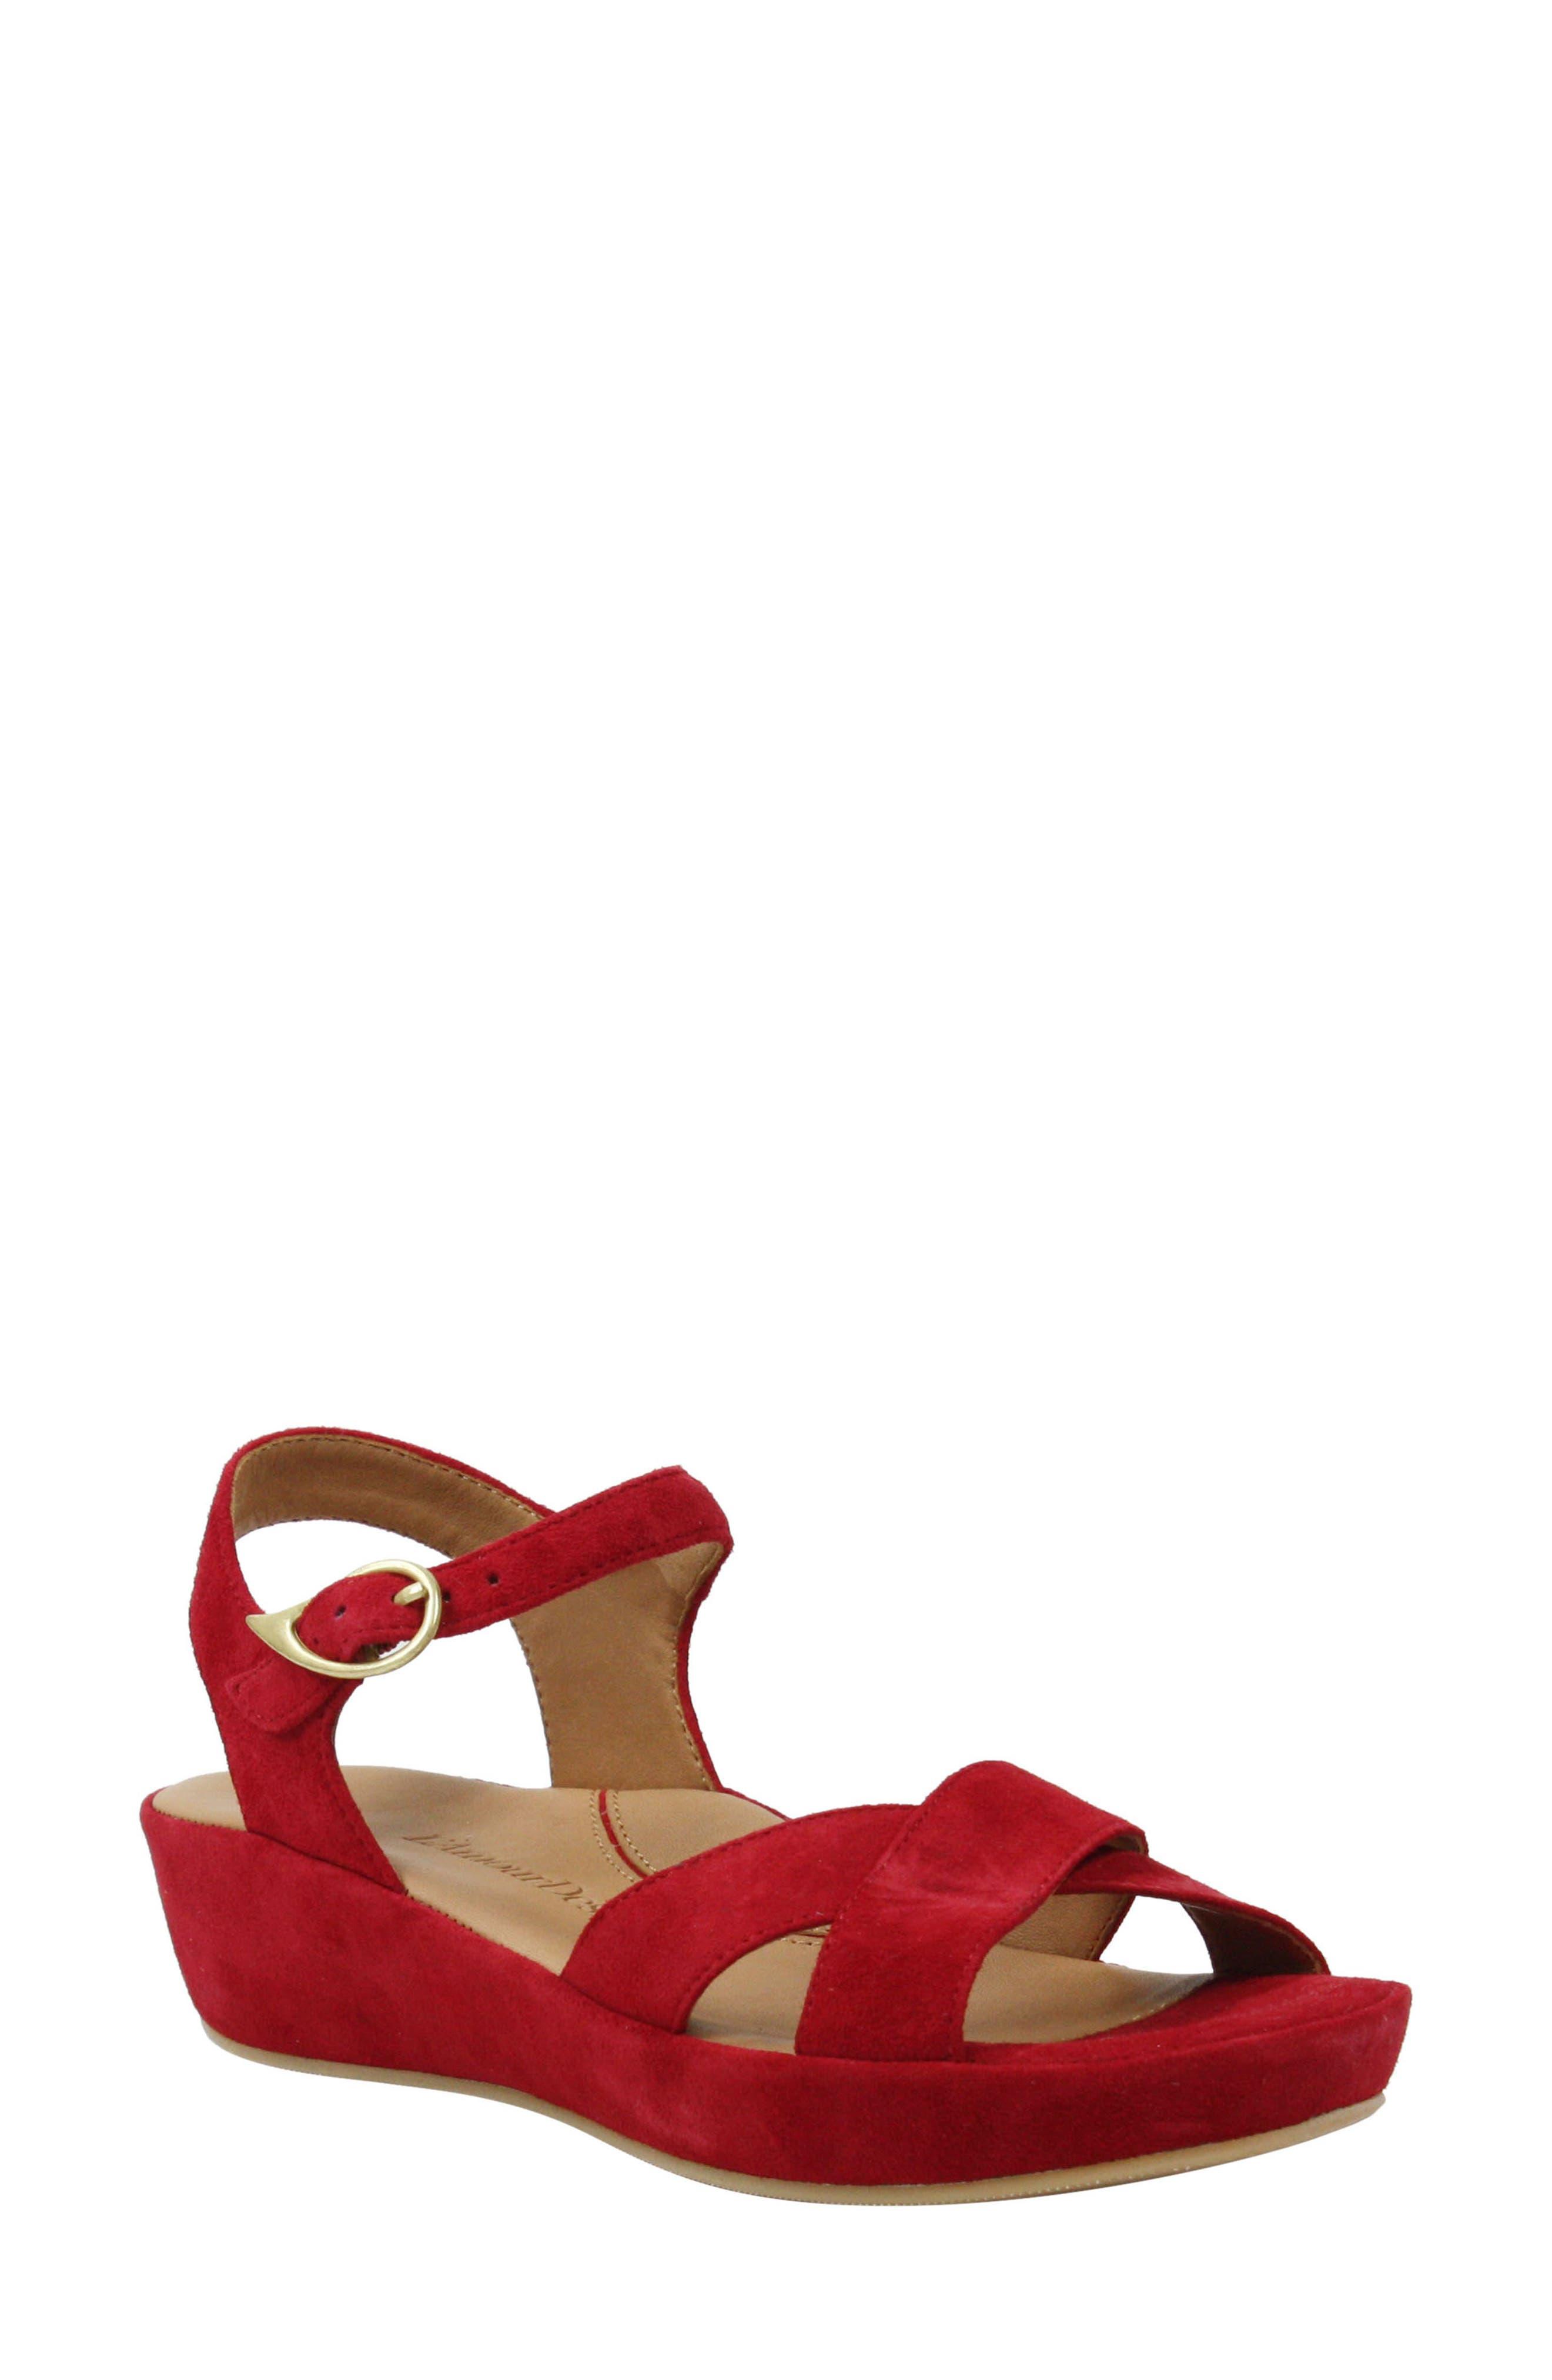 1940s Style Shoes, 40s Shoes Womens LAmour Des Pieds Casimiro Sandal Size 9 M - Red $188.95 AT vintagedancer.com